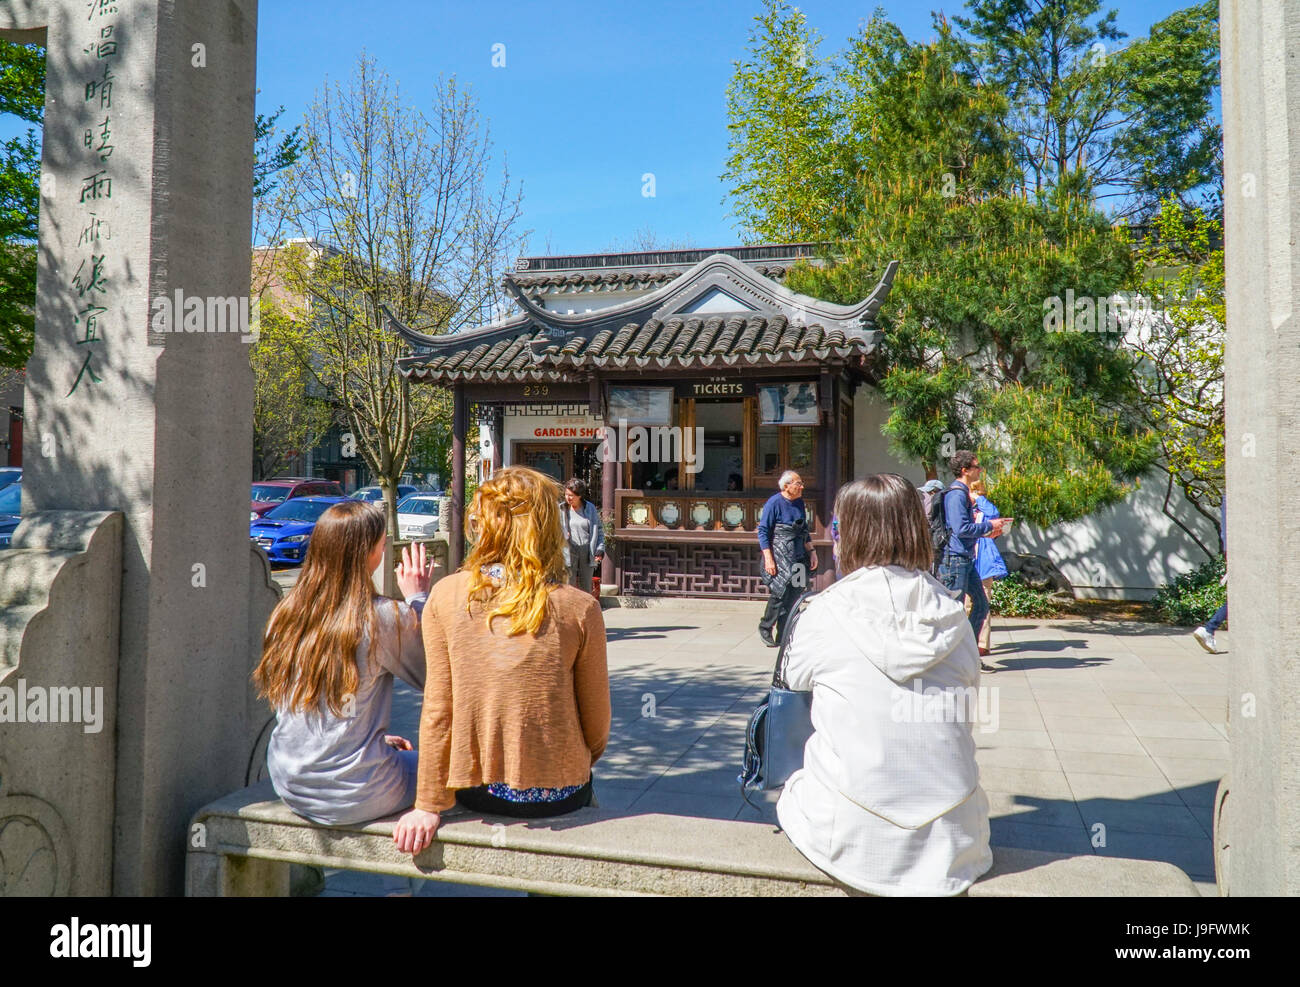 Ticket-Verkaufsstand am chinesischen Garten in Portland - PORTLAND - OREGON - 16. April 2017 Stockfoto